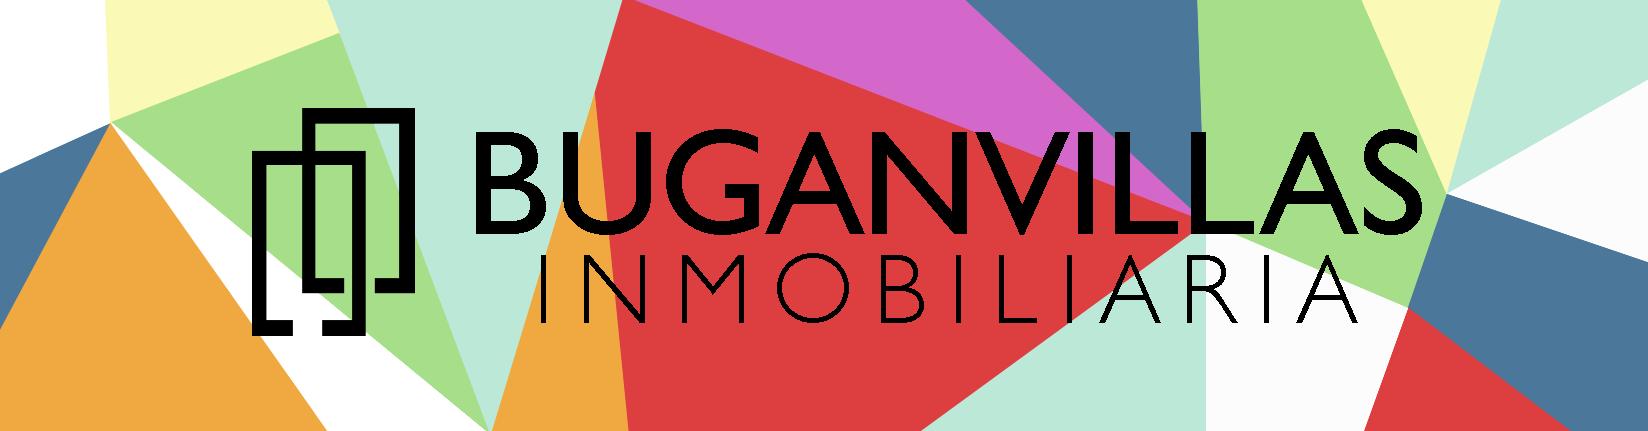 Logotipo BuganVillas Inmobiliaria